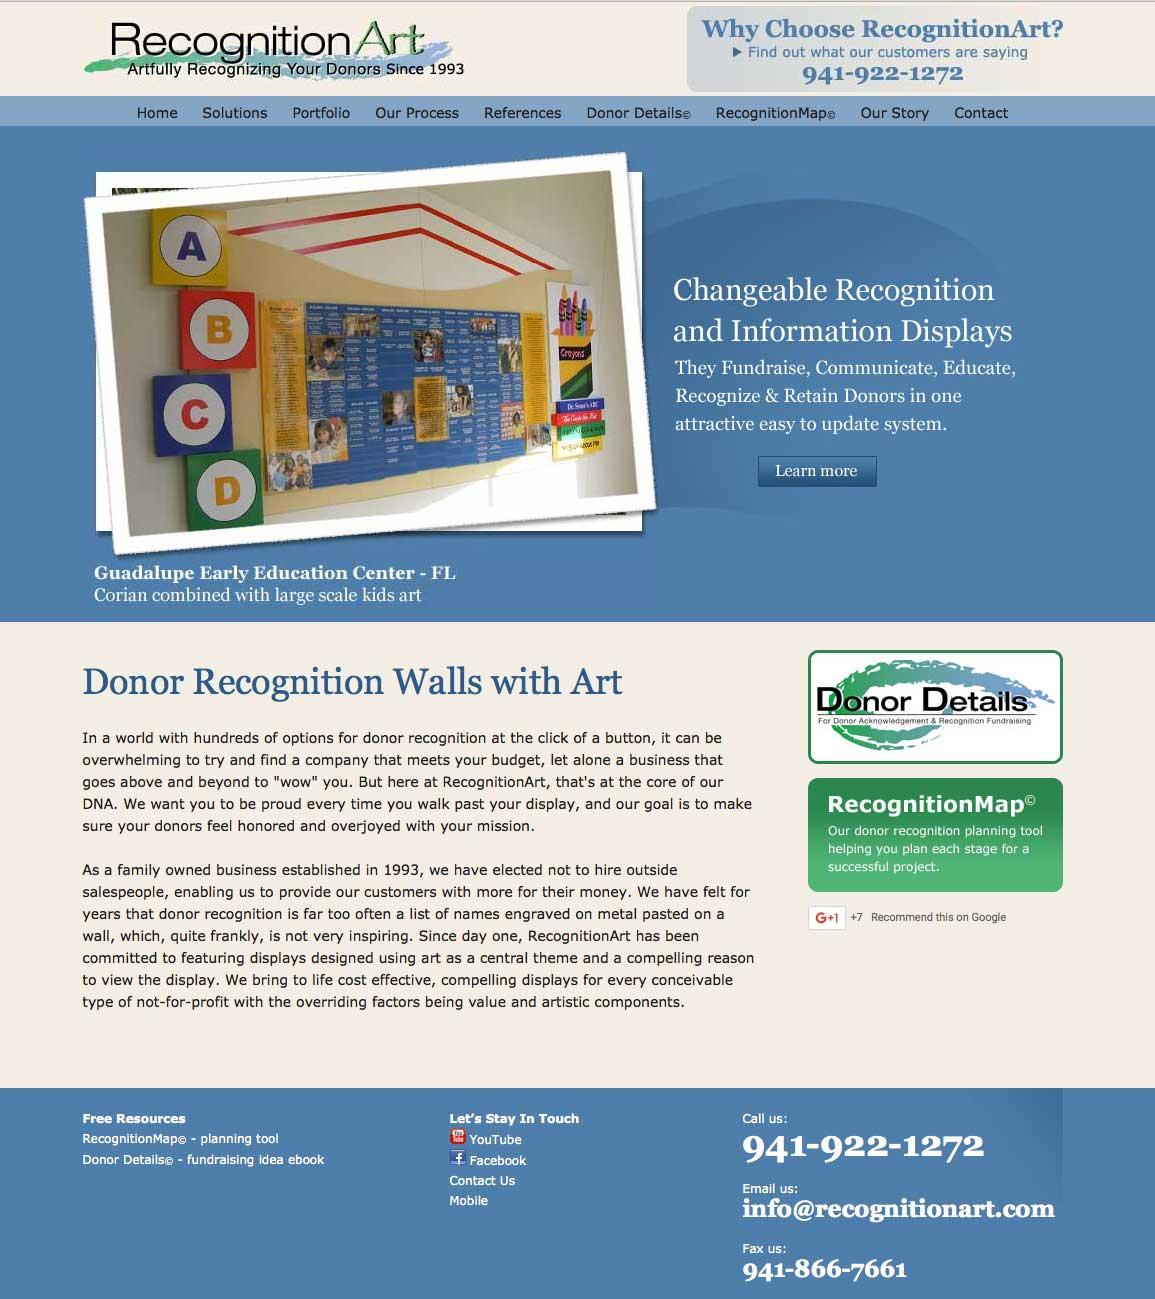 New RecognitionArt website